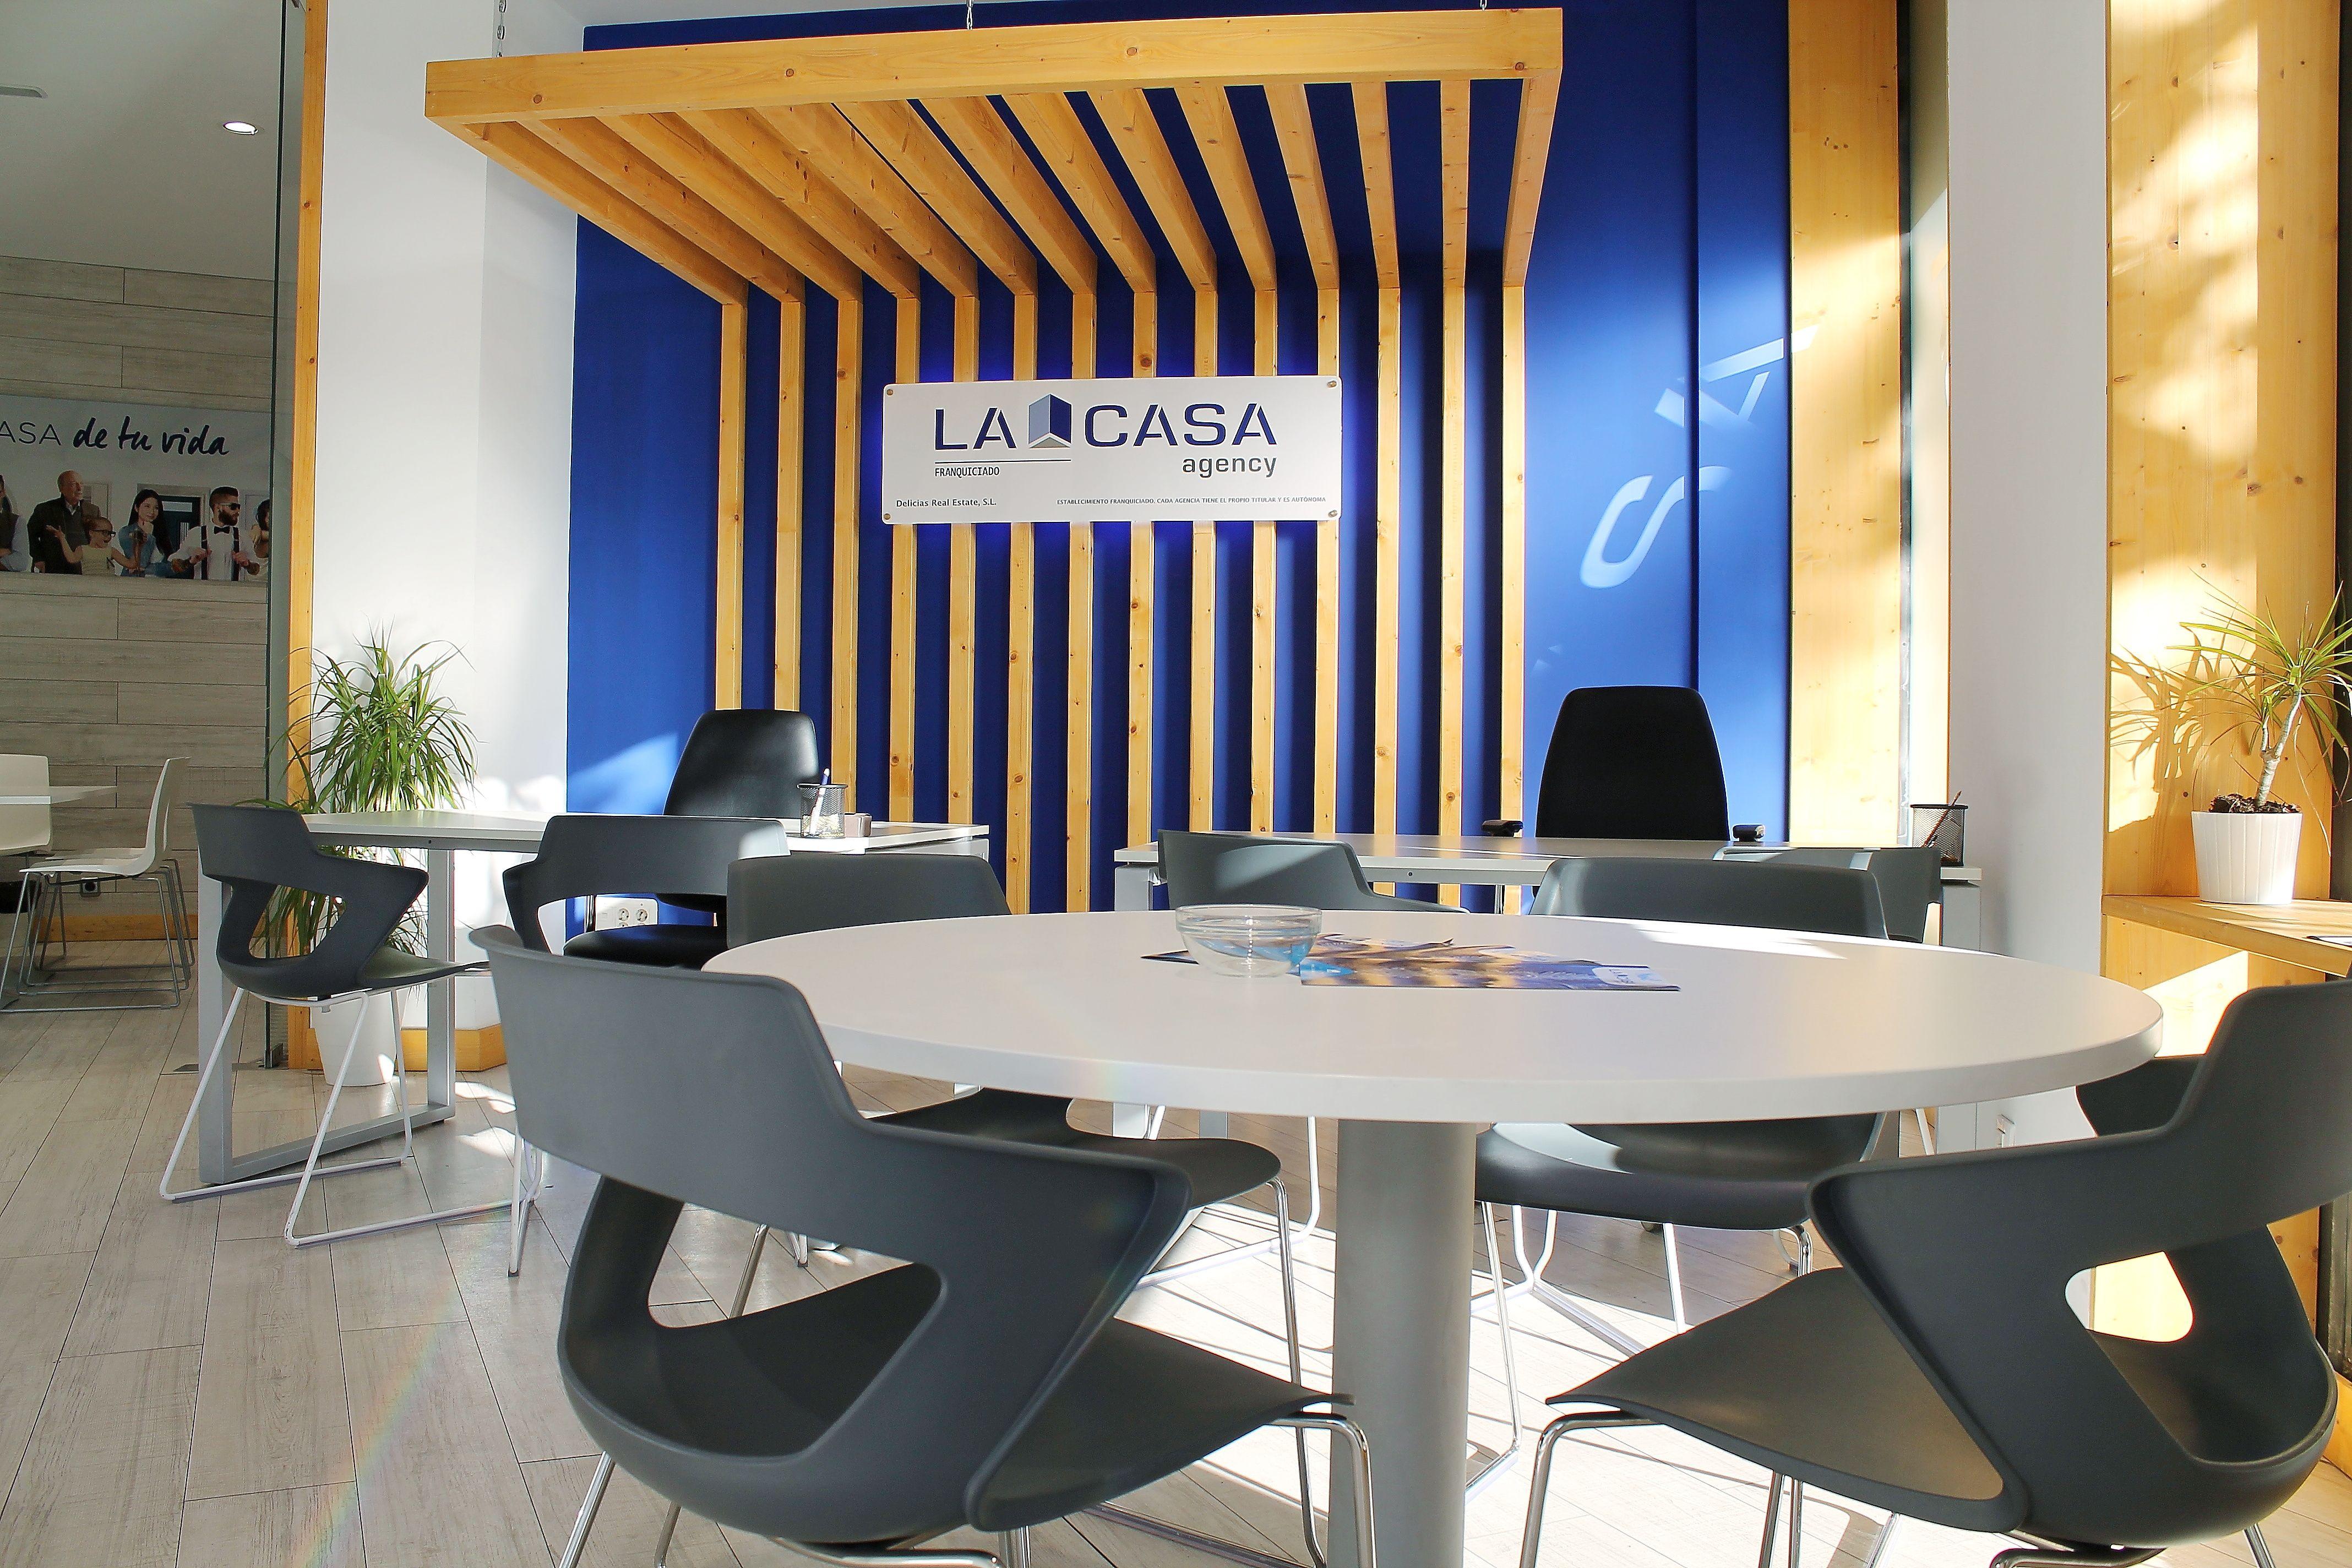 Asesoramiento inmobiliario en Arganzuela, Madrid